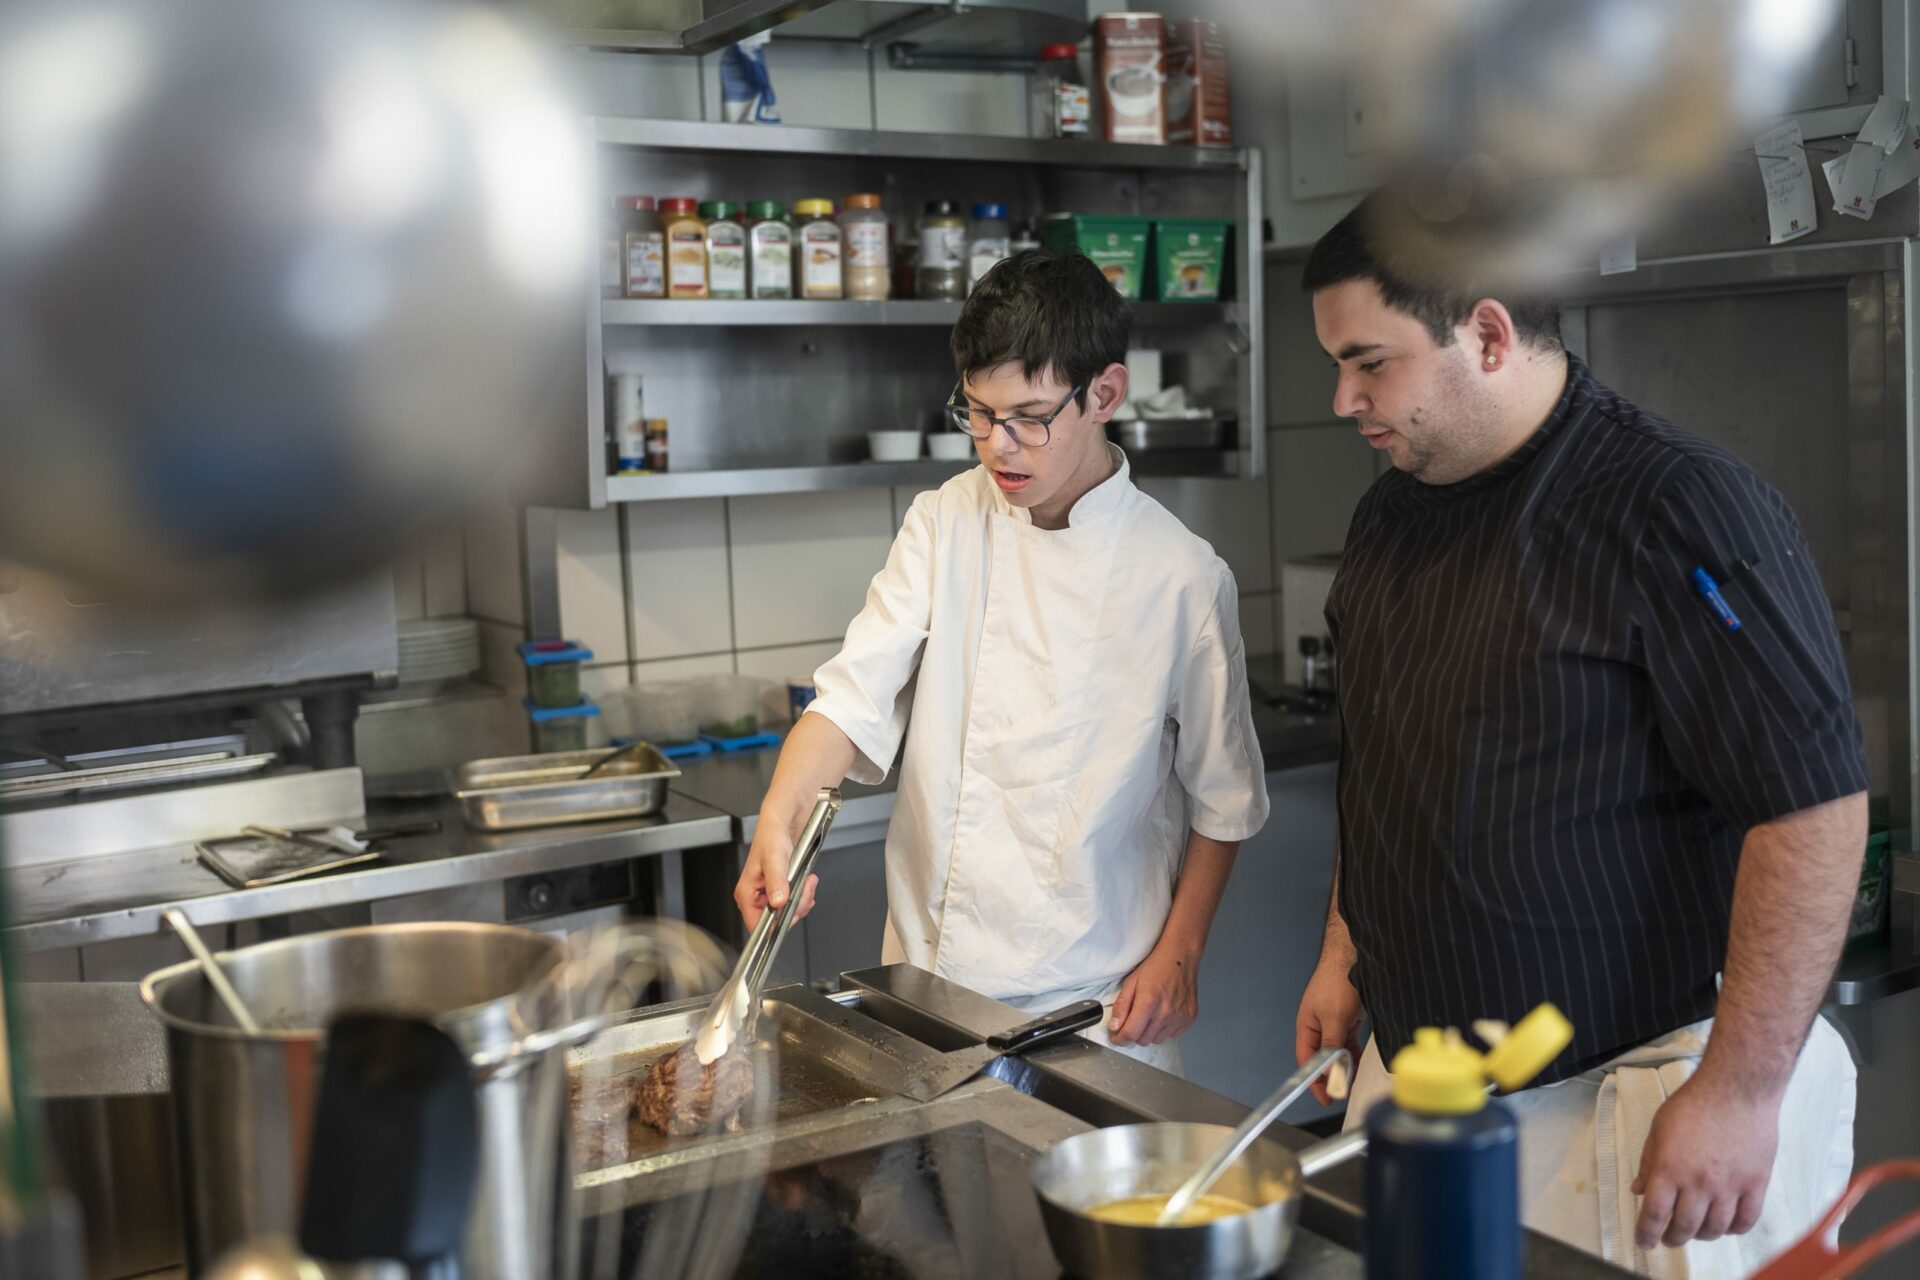 Deux hommes travaillent en cuisine